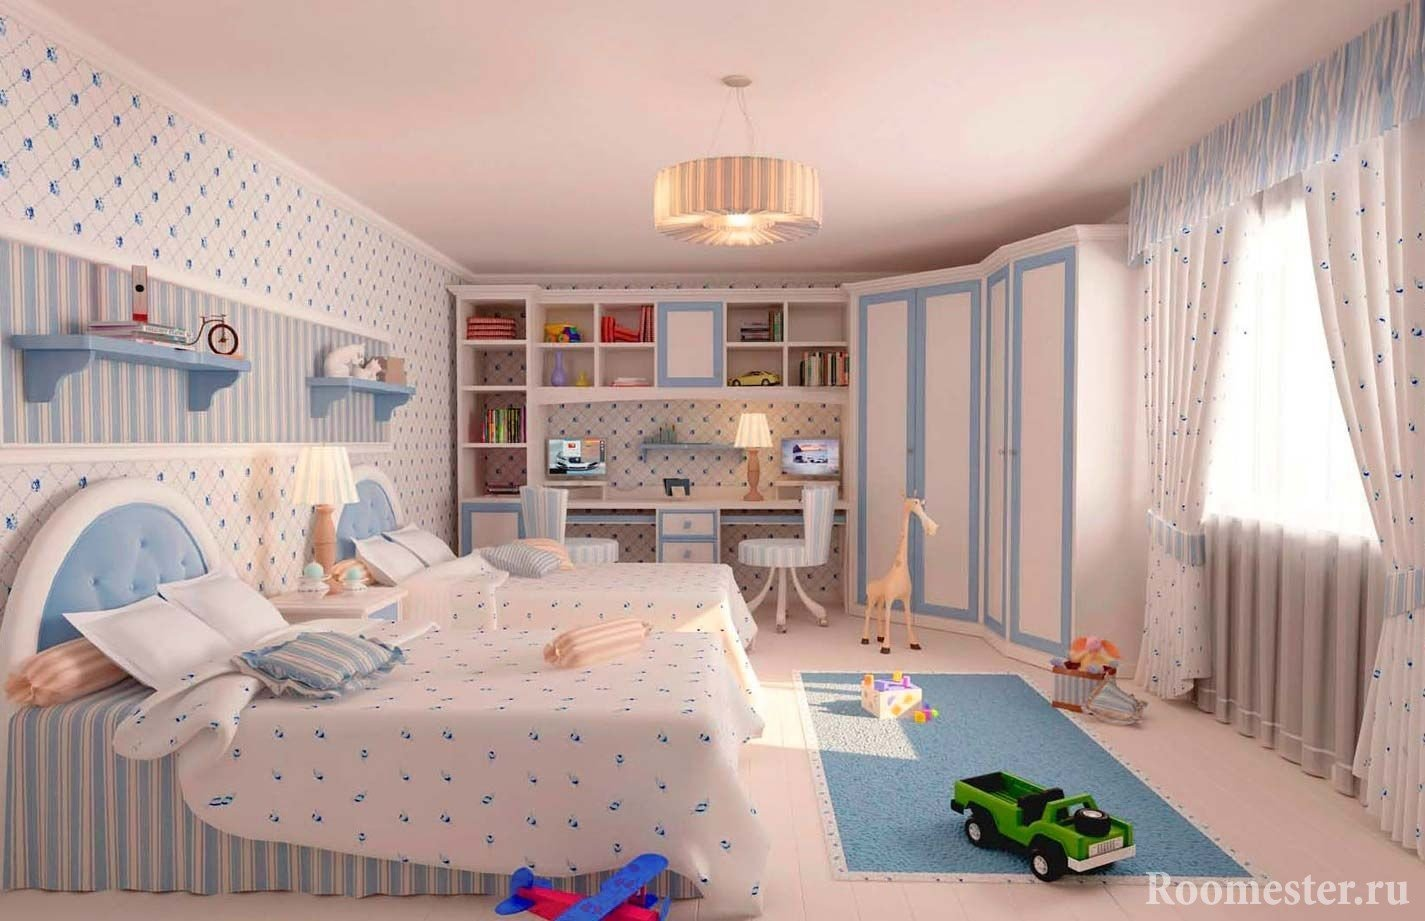 Кровать для девочки 10 лет (27 фото): детские модели в комнату